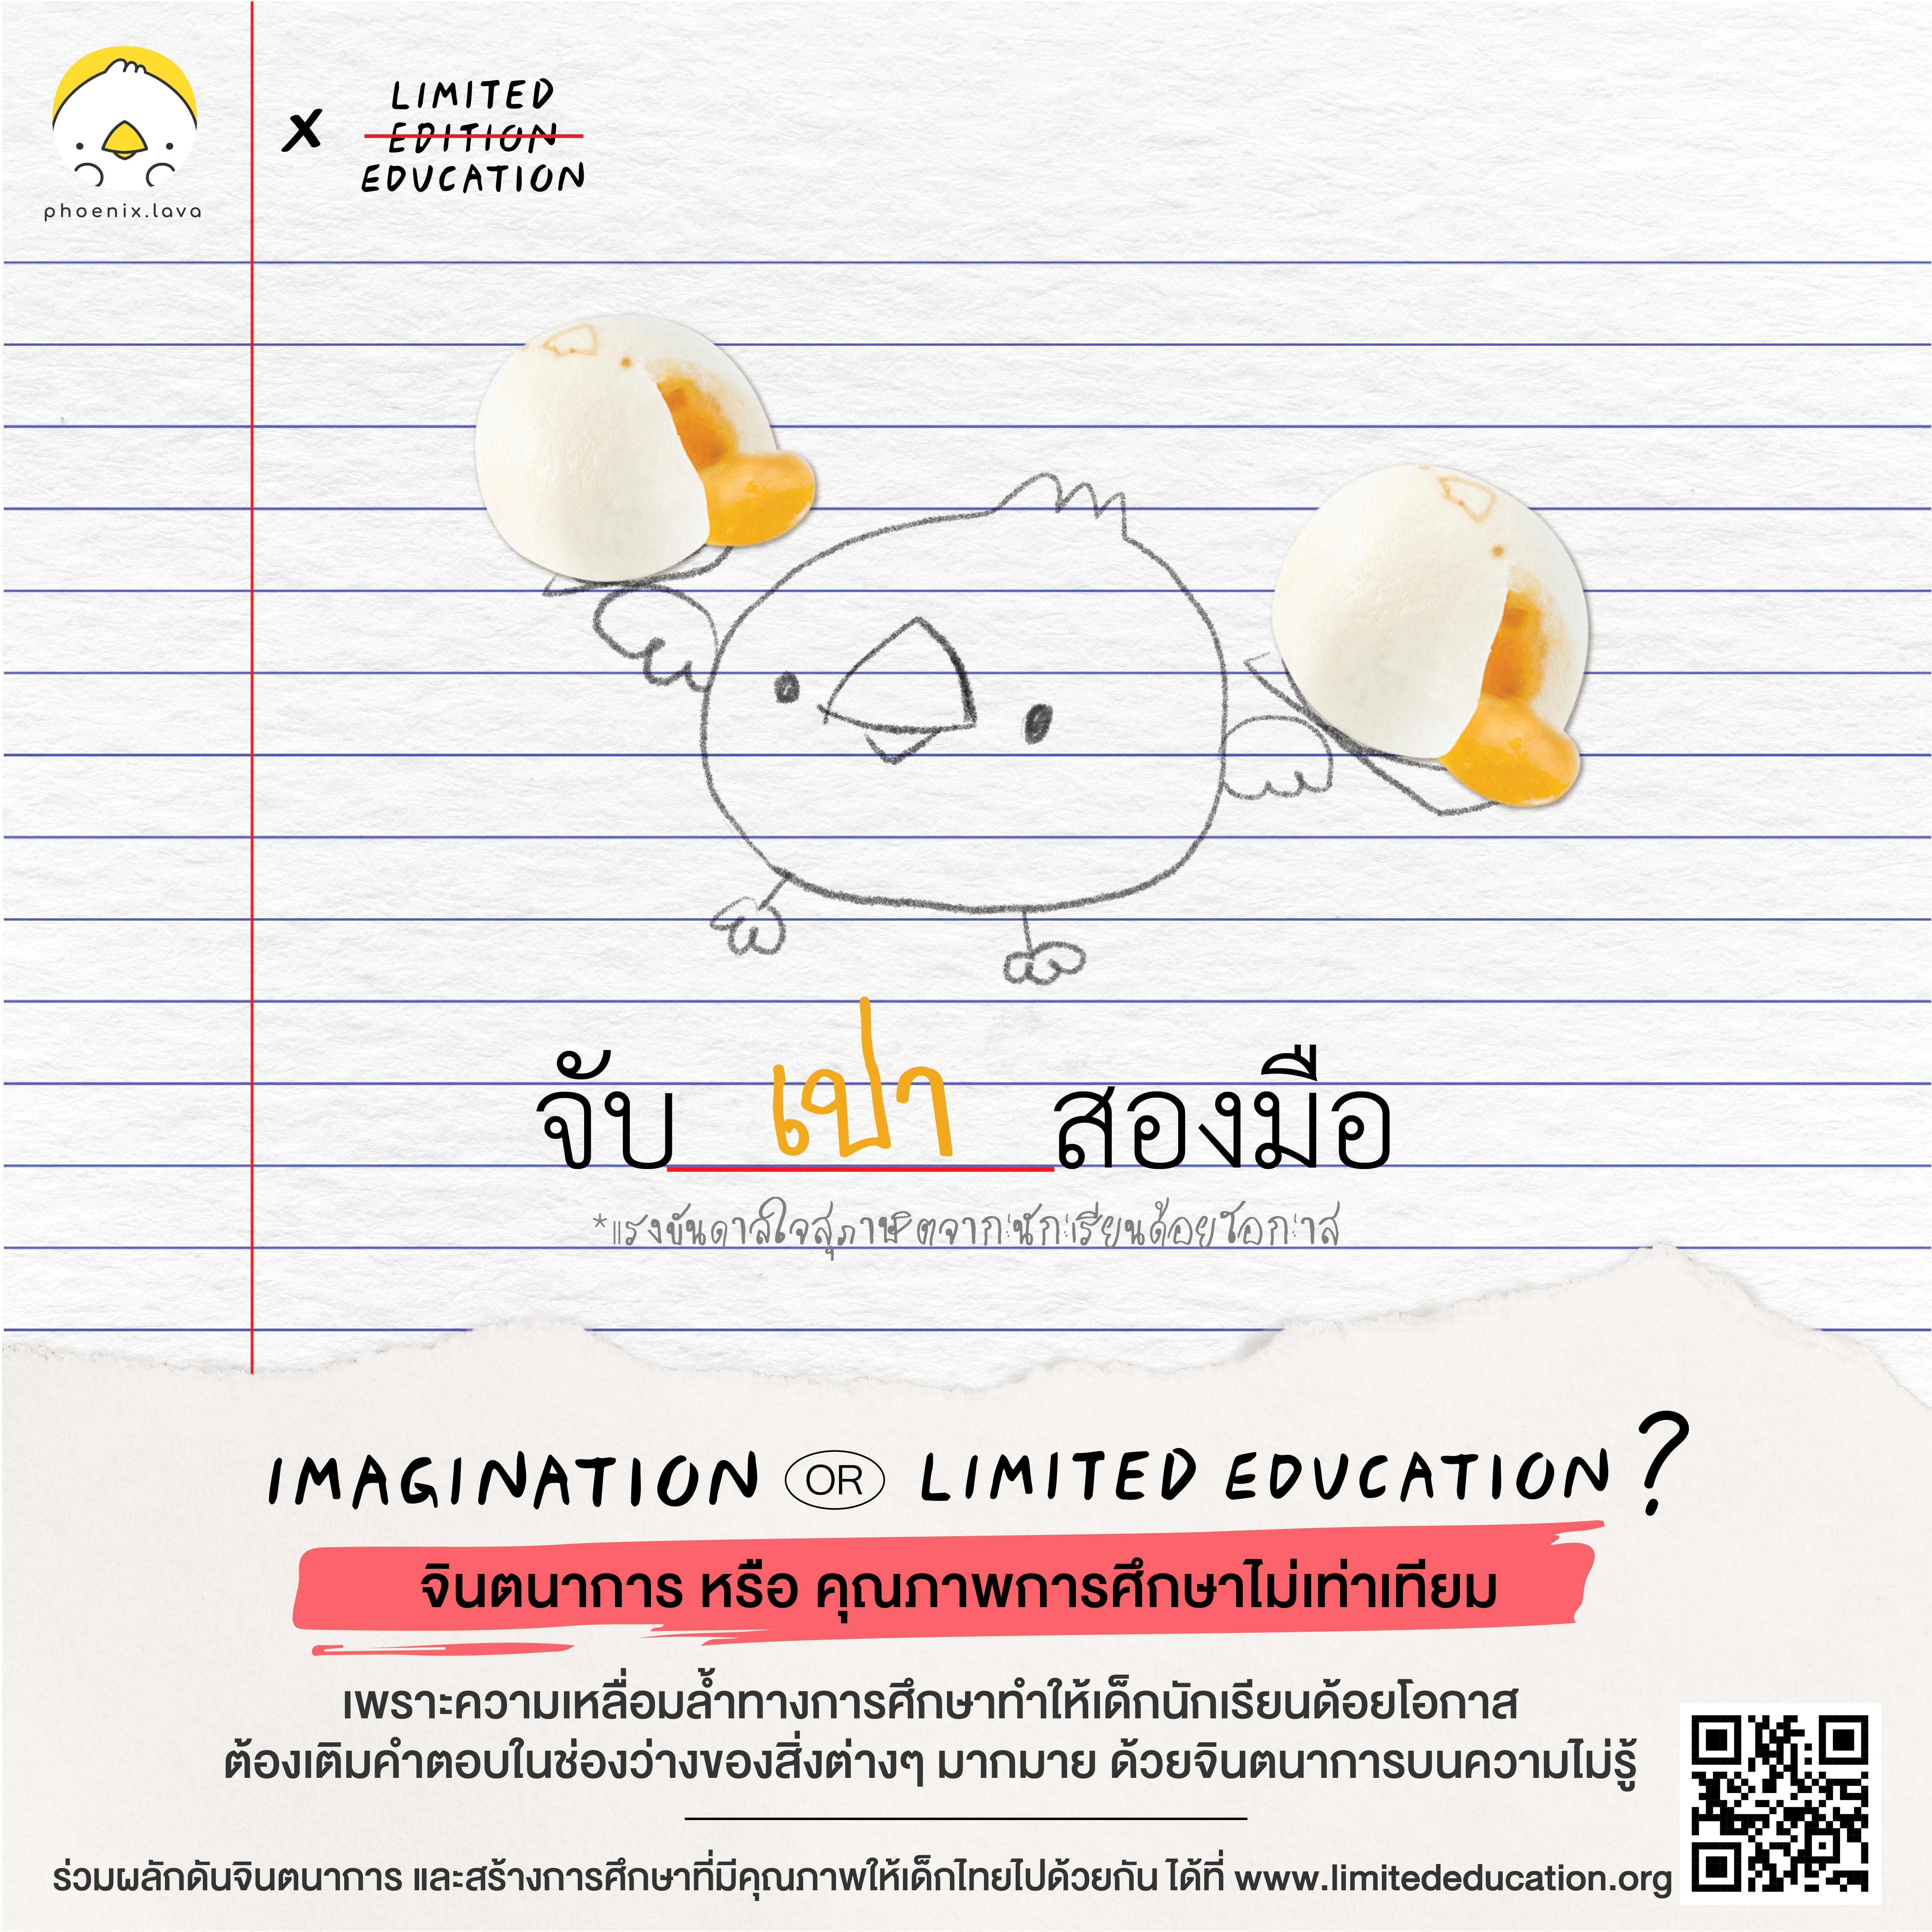 จินตนาการหรือคุณภาพการศึกษาไม่เท่าเทียม